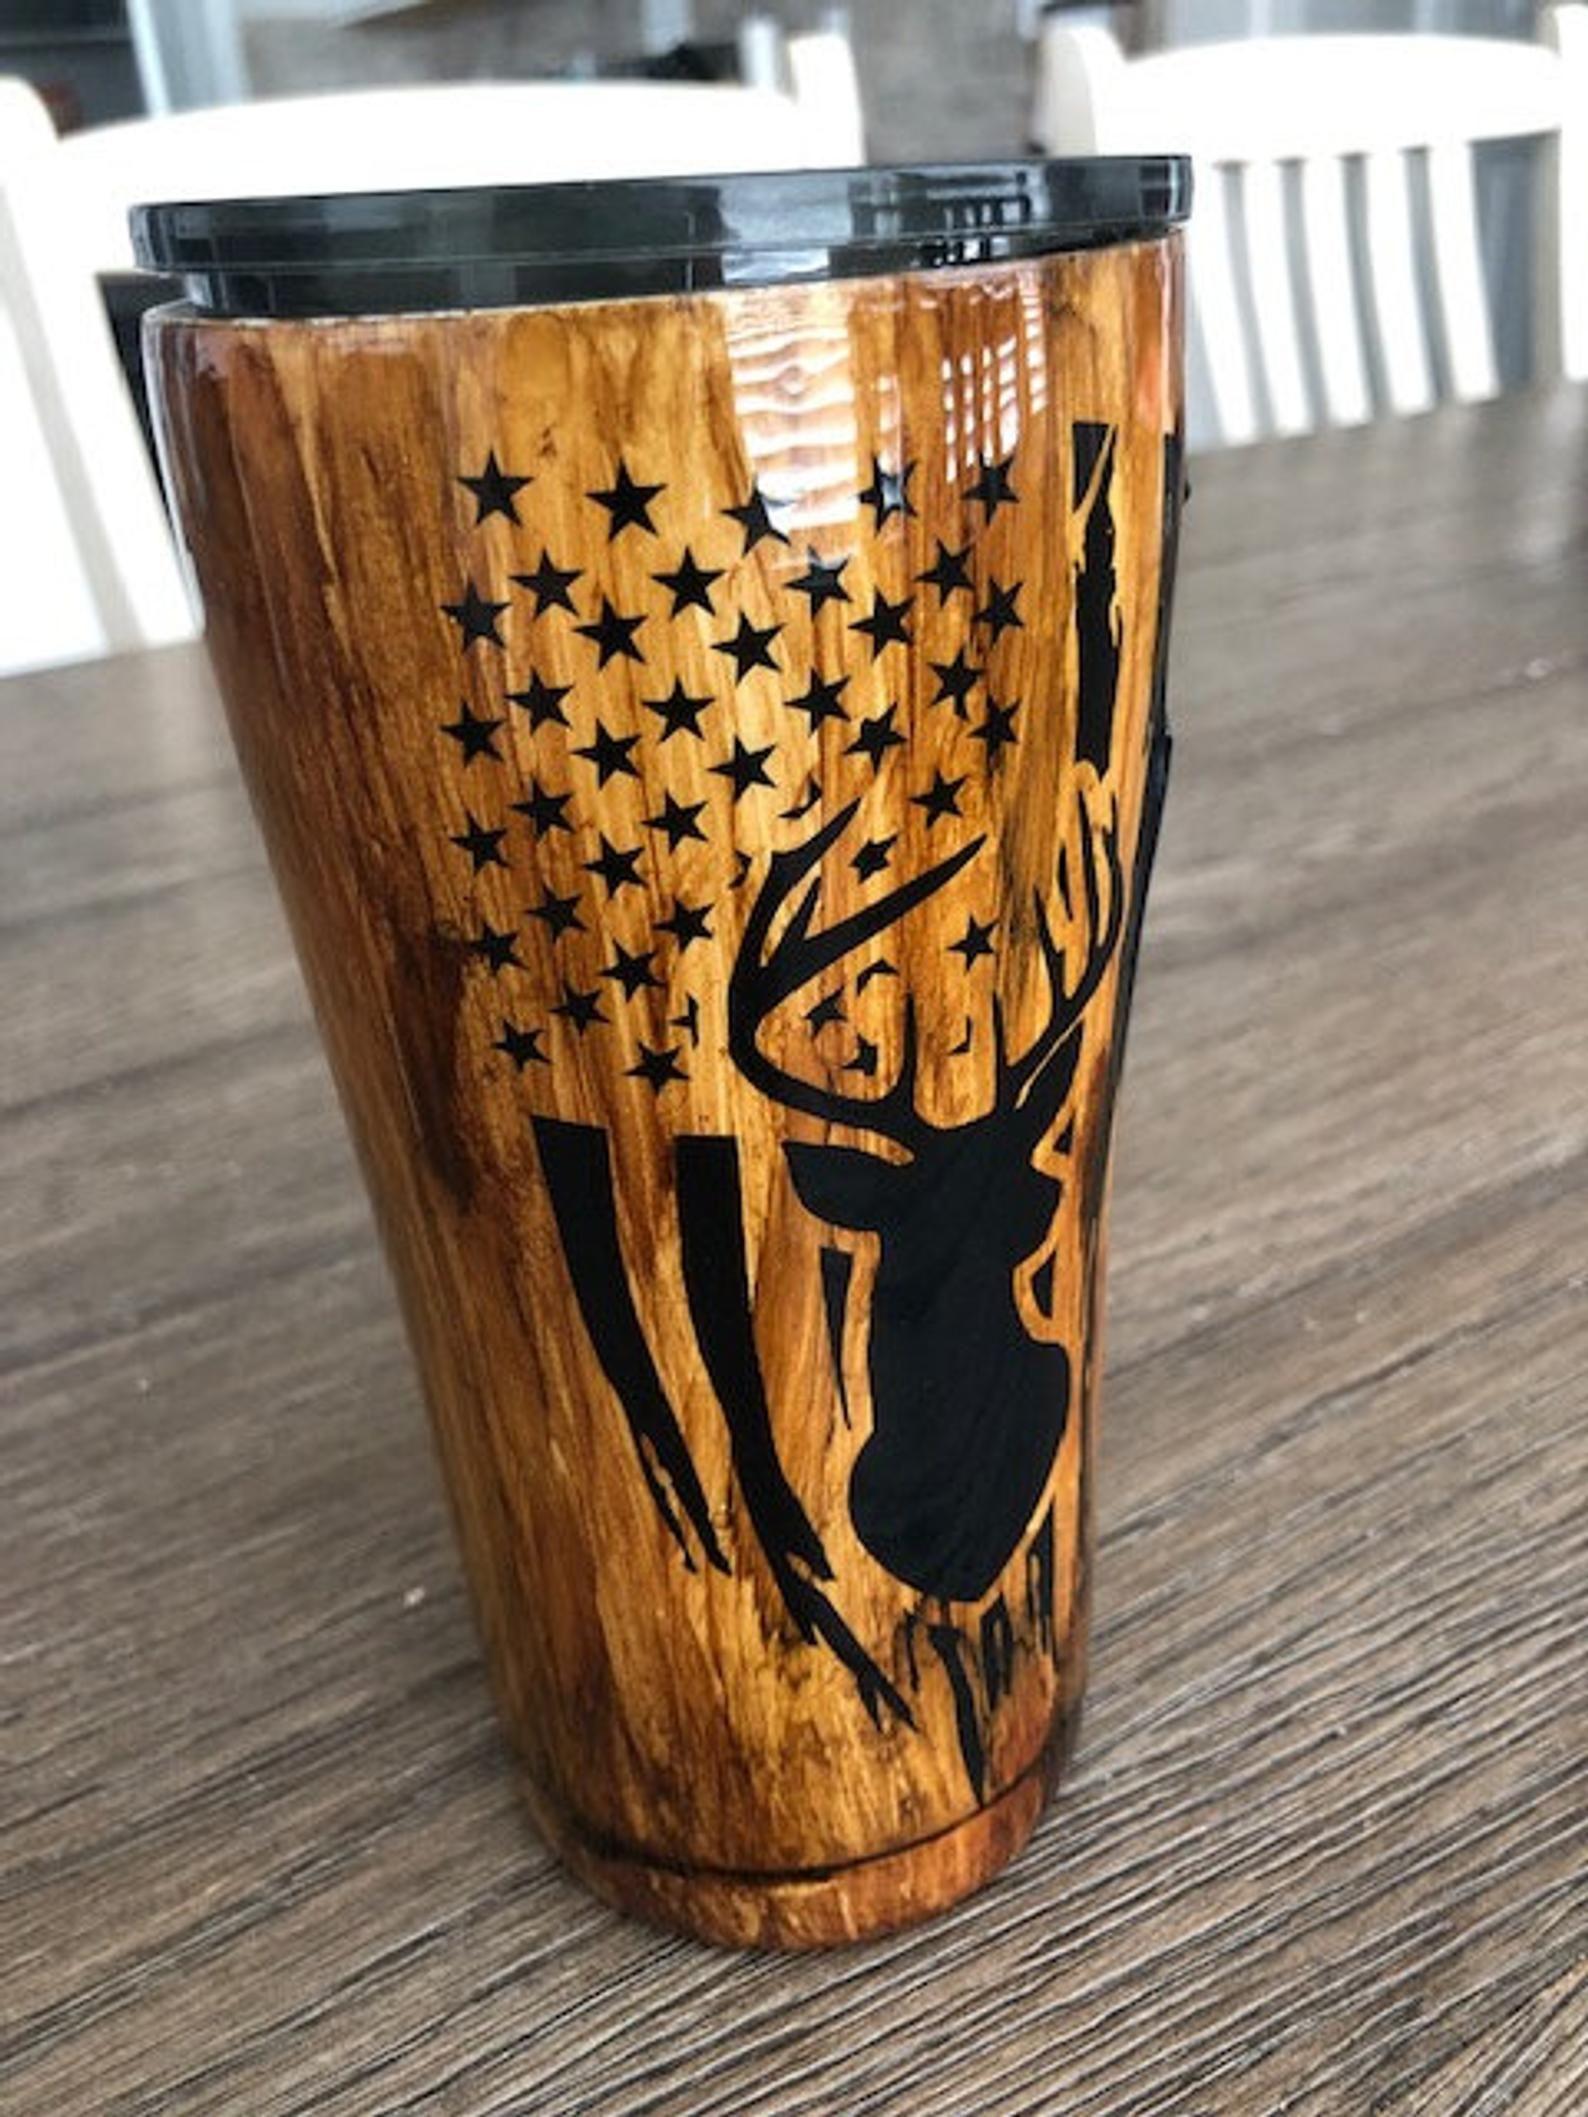 Wood Grain Tumbler With American Flag And Deer Mens Tumbler Etsy Custom Tumbler Cups Yeti Cup Designs Tumbler Cups Diy [ 2117 x 1588 Pixel ]